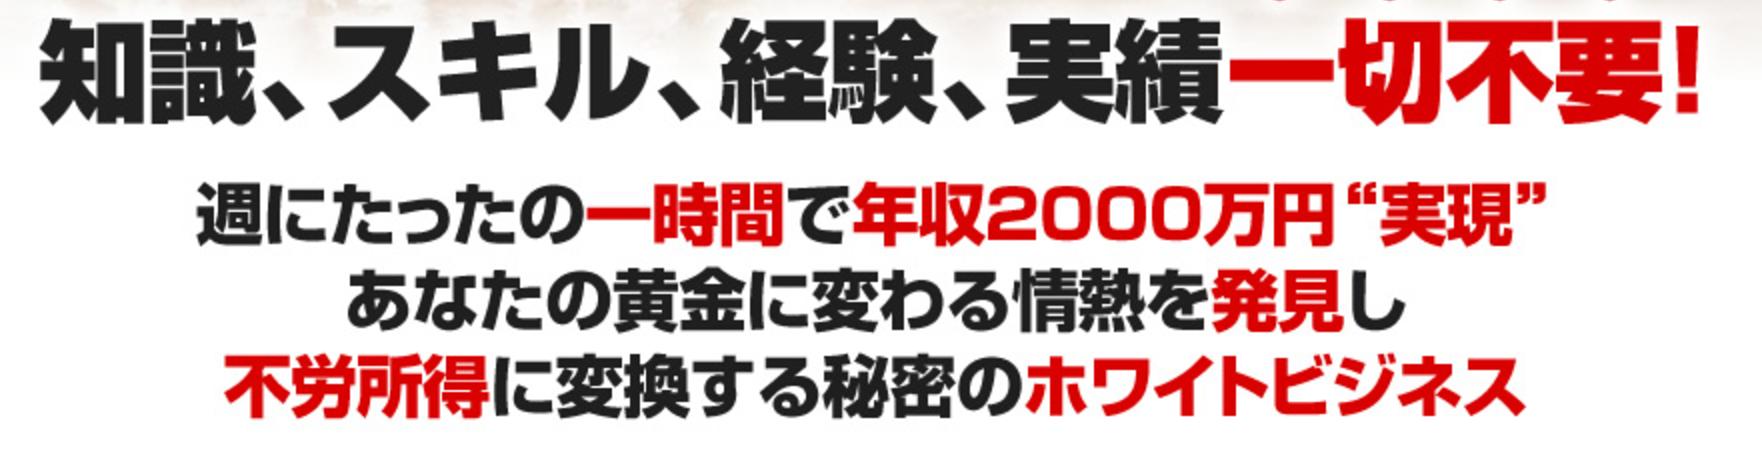 週にたったの1時間で年収2000万円か。ホントかな。